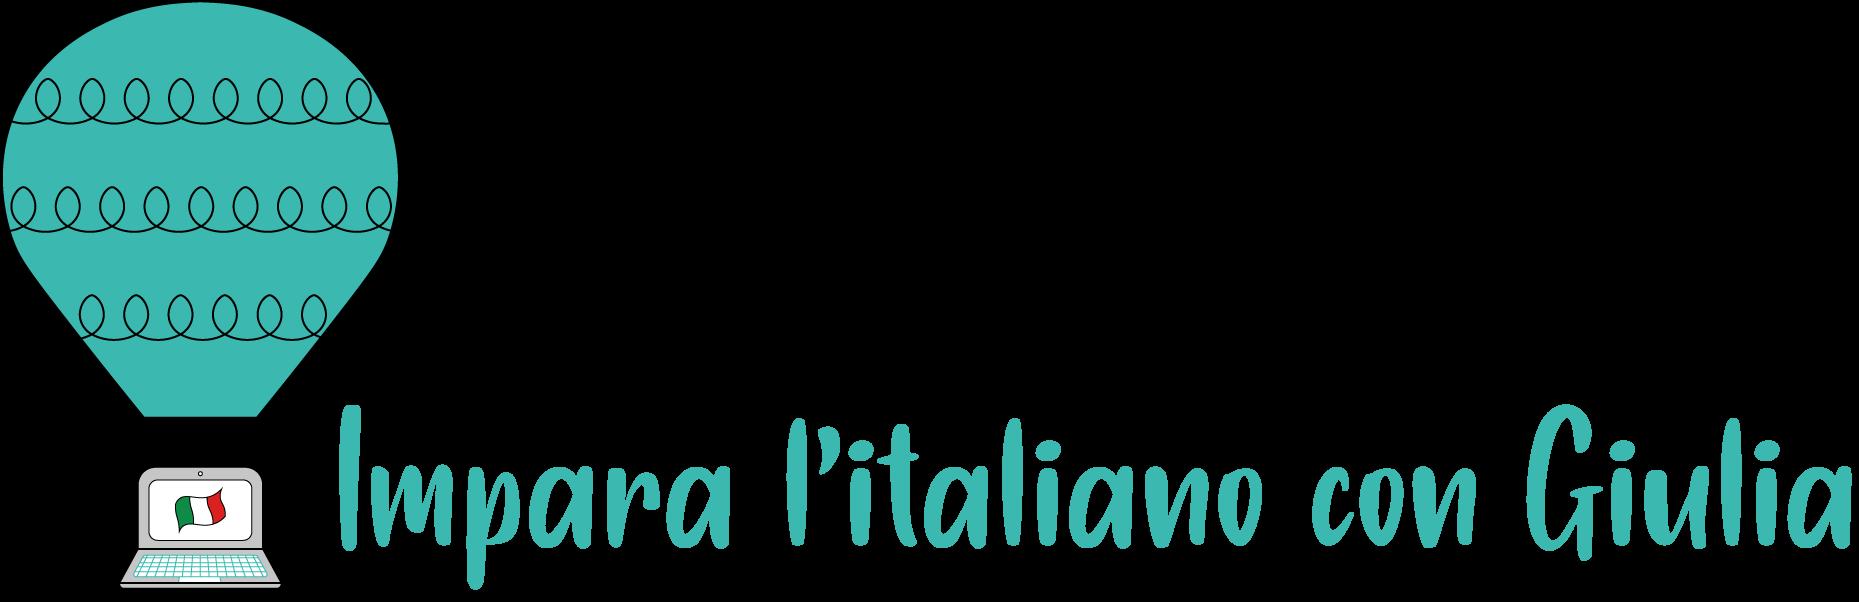 Impara l'italiano con Giulia